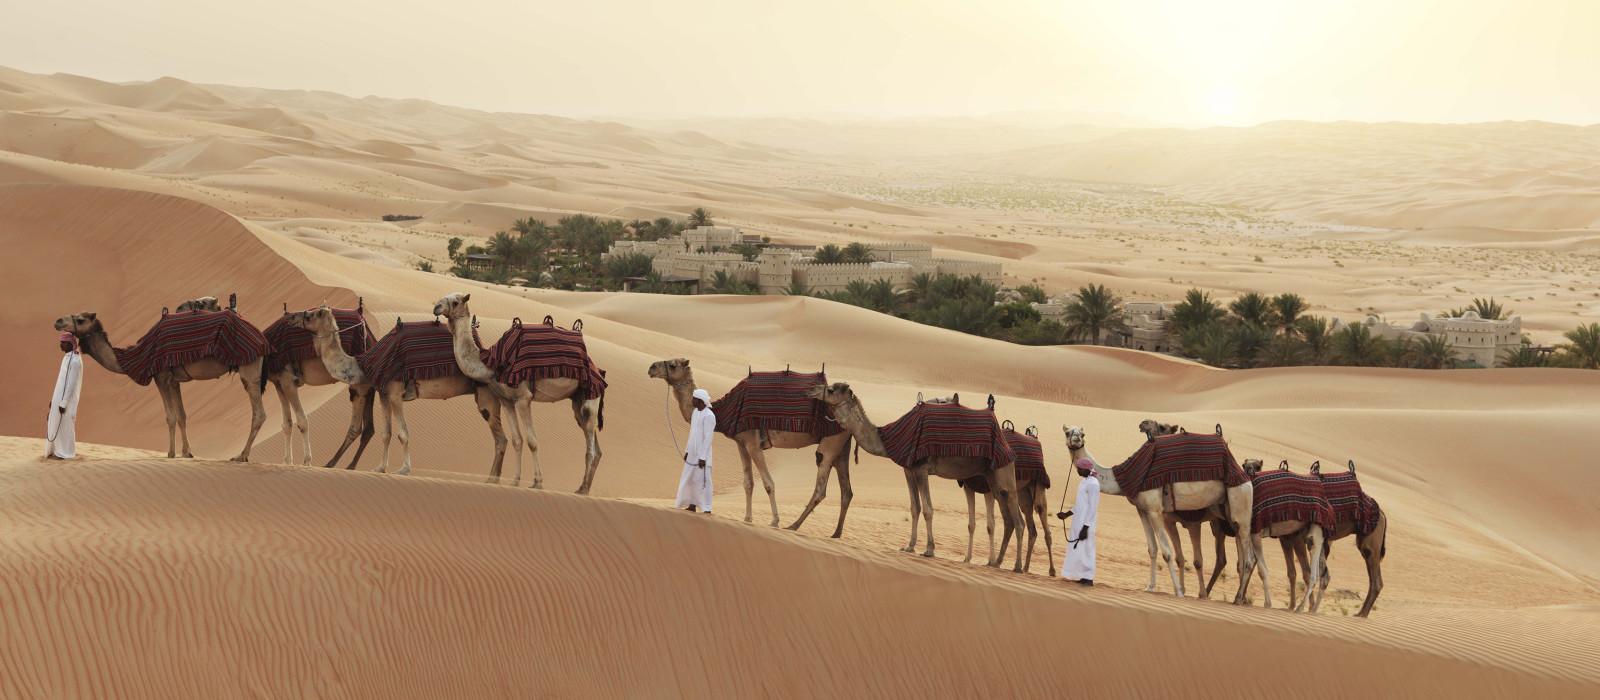 orient Reisen - Kameltrekking in der Wüste von Abu Dhabi